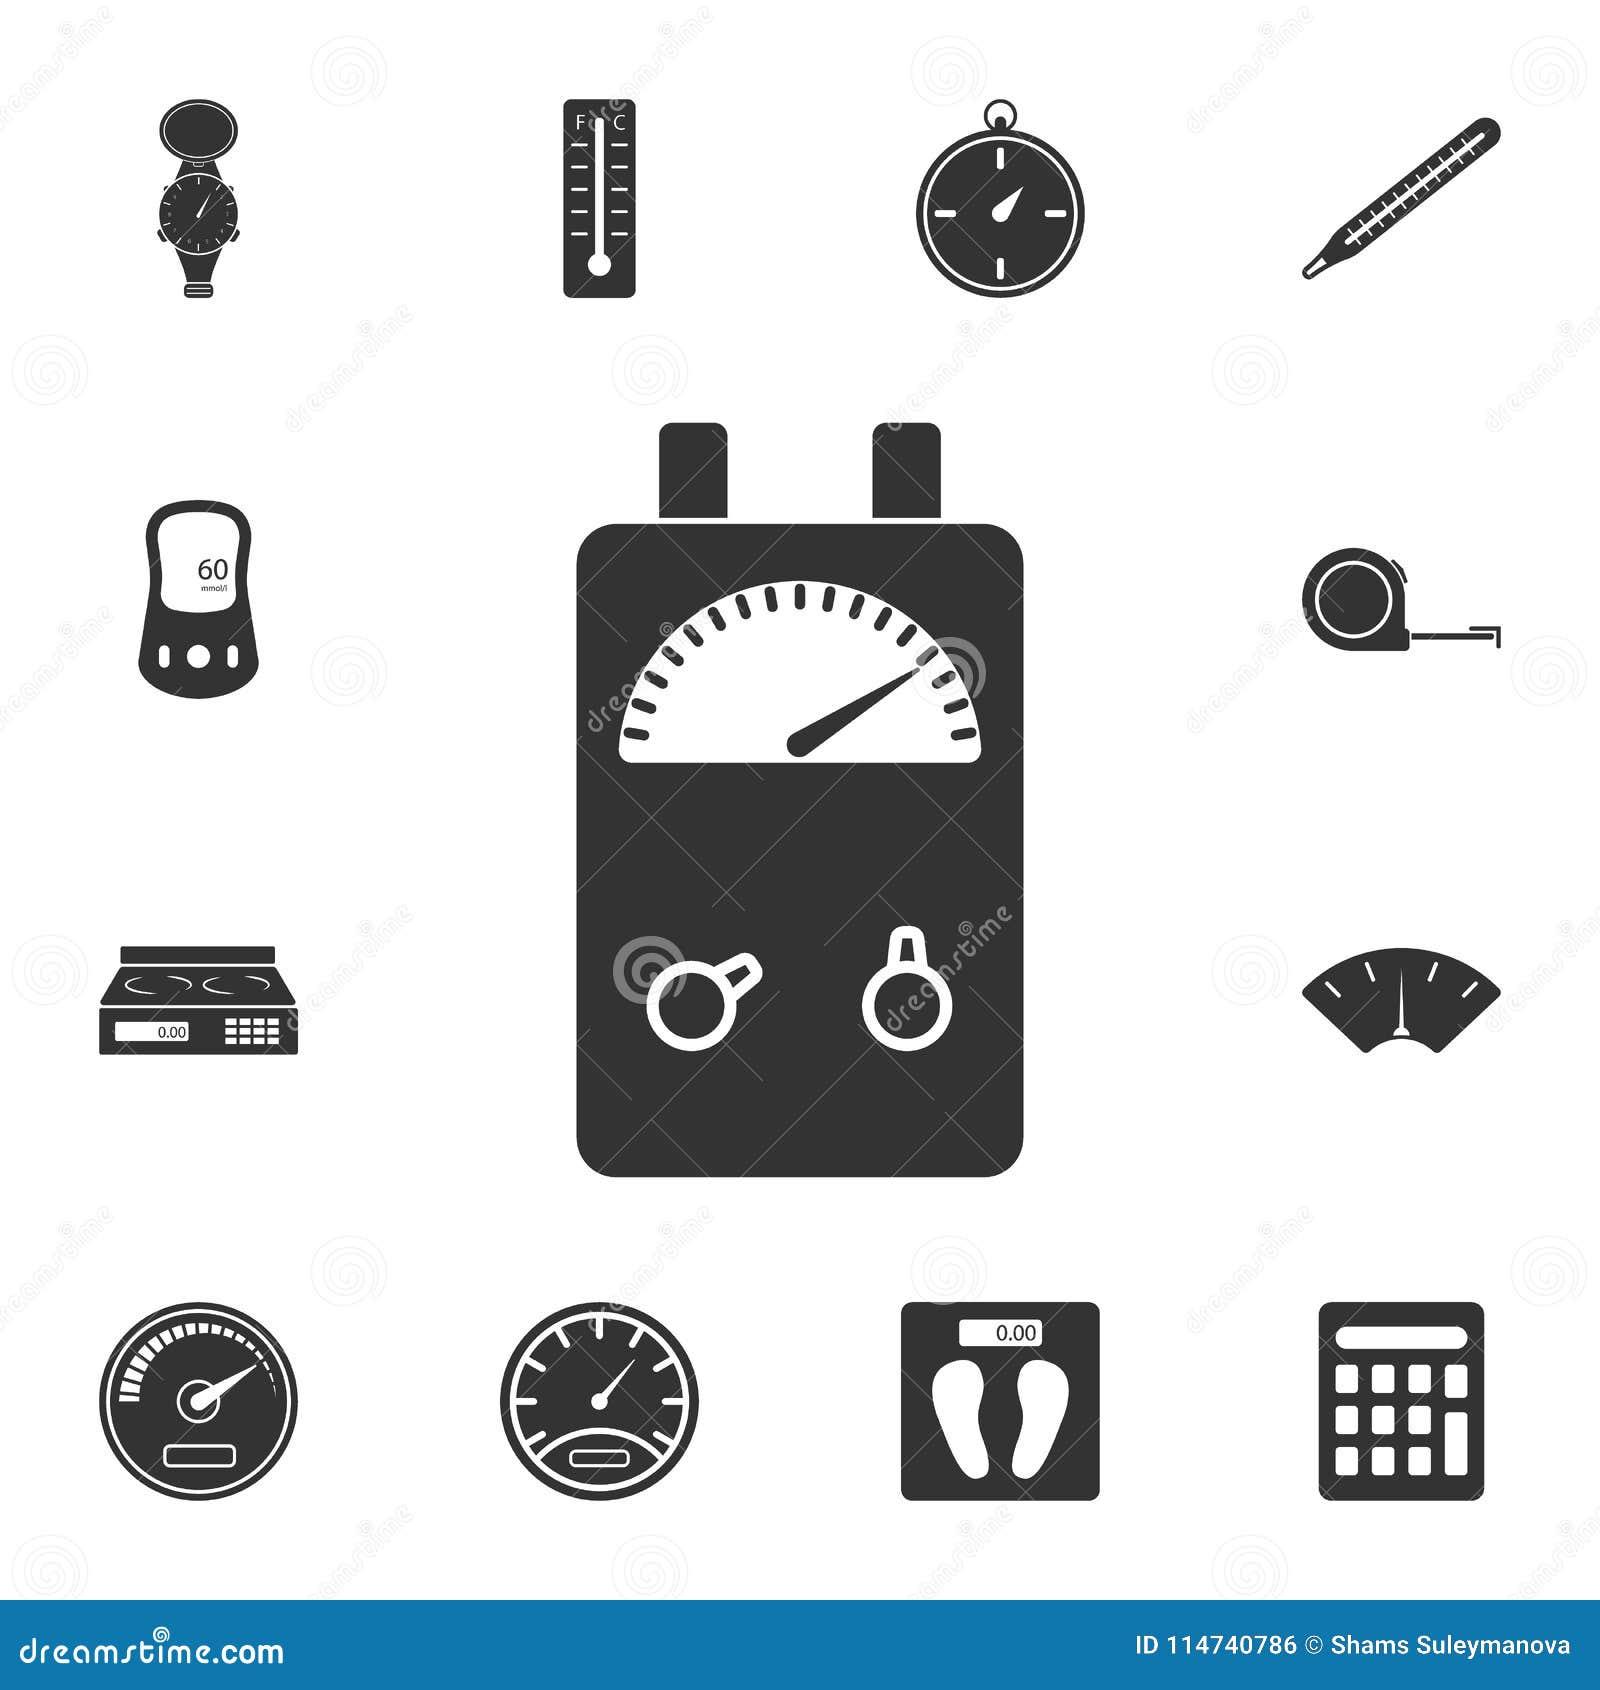 Electrical Tester Symbols : Fancy voltage meter symbols embellishment the best